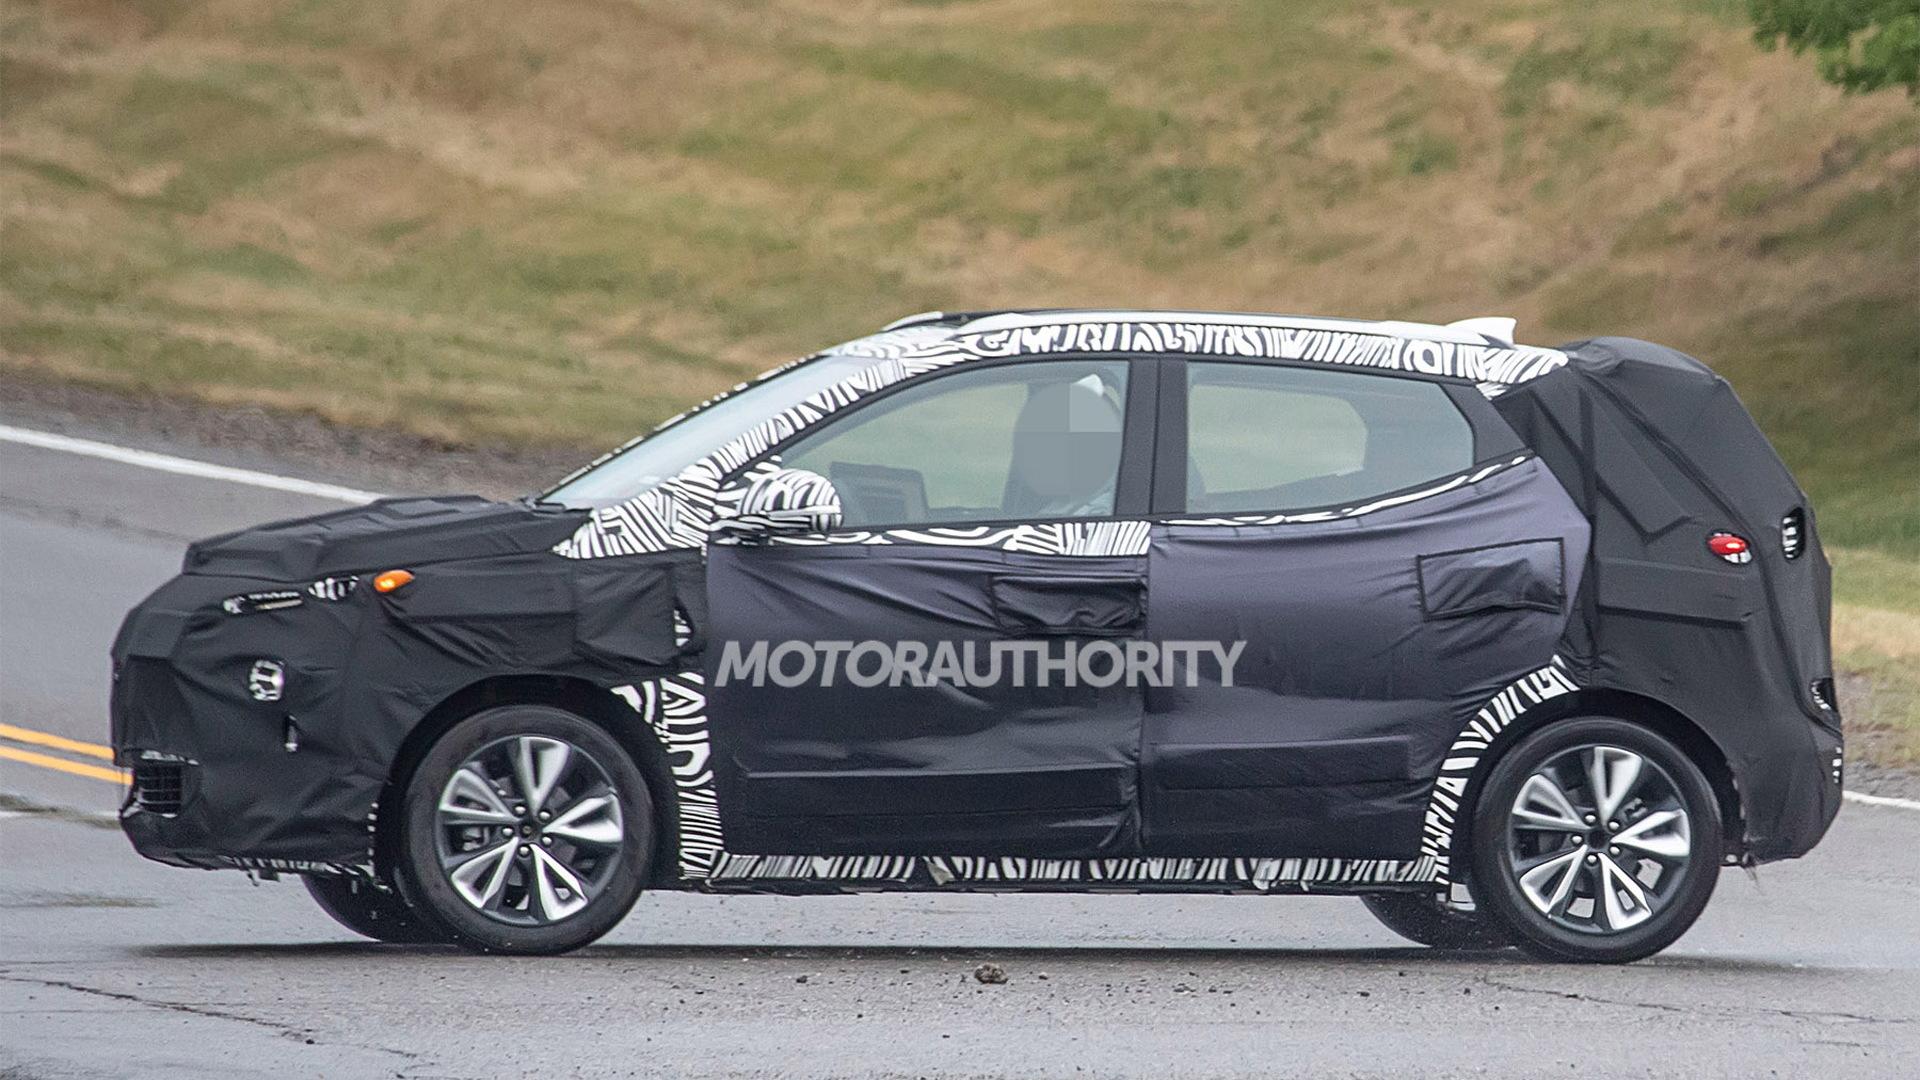 2022 Chevrolet Bolt EUV spy shots - Photo credit:S. Baldauf/SB-Medien